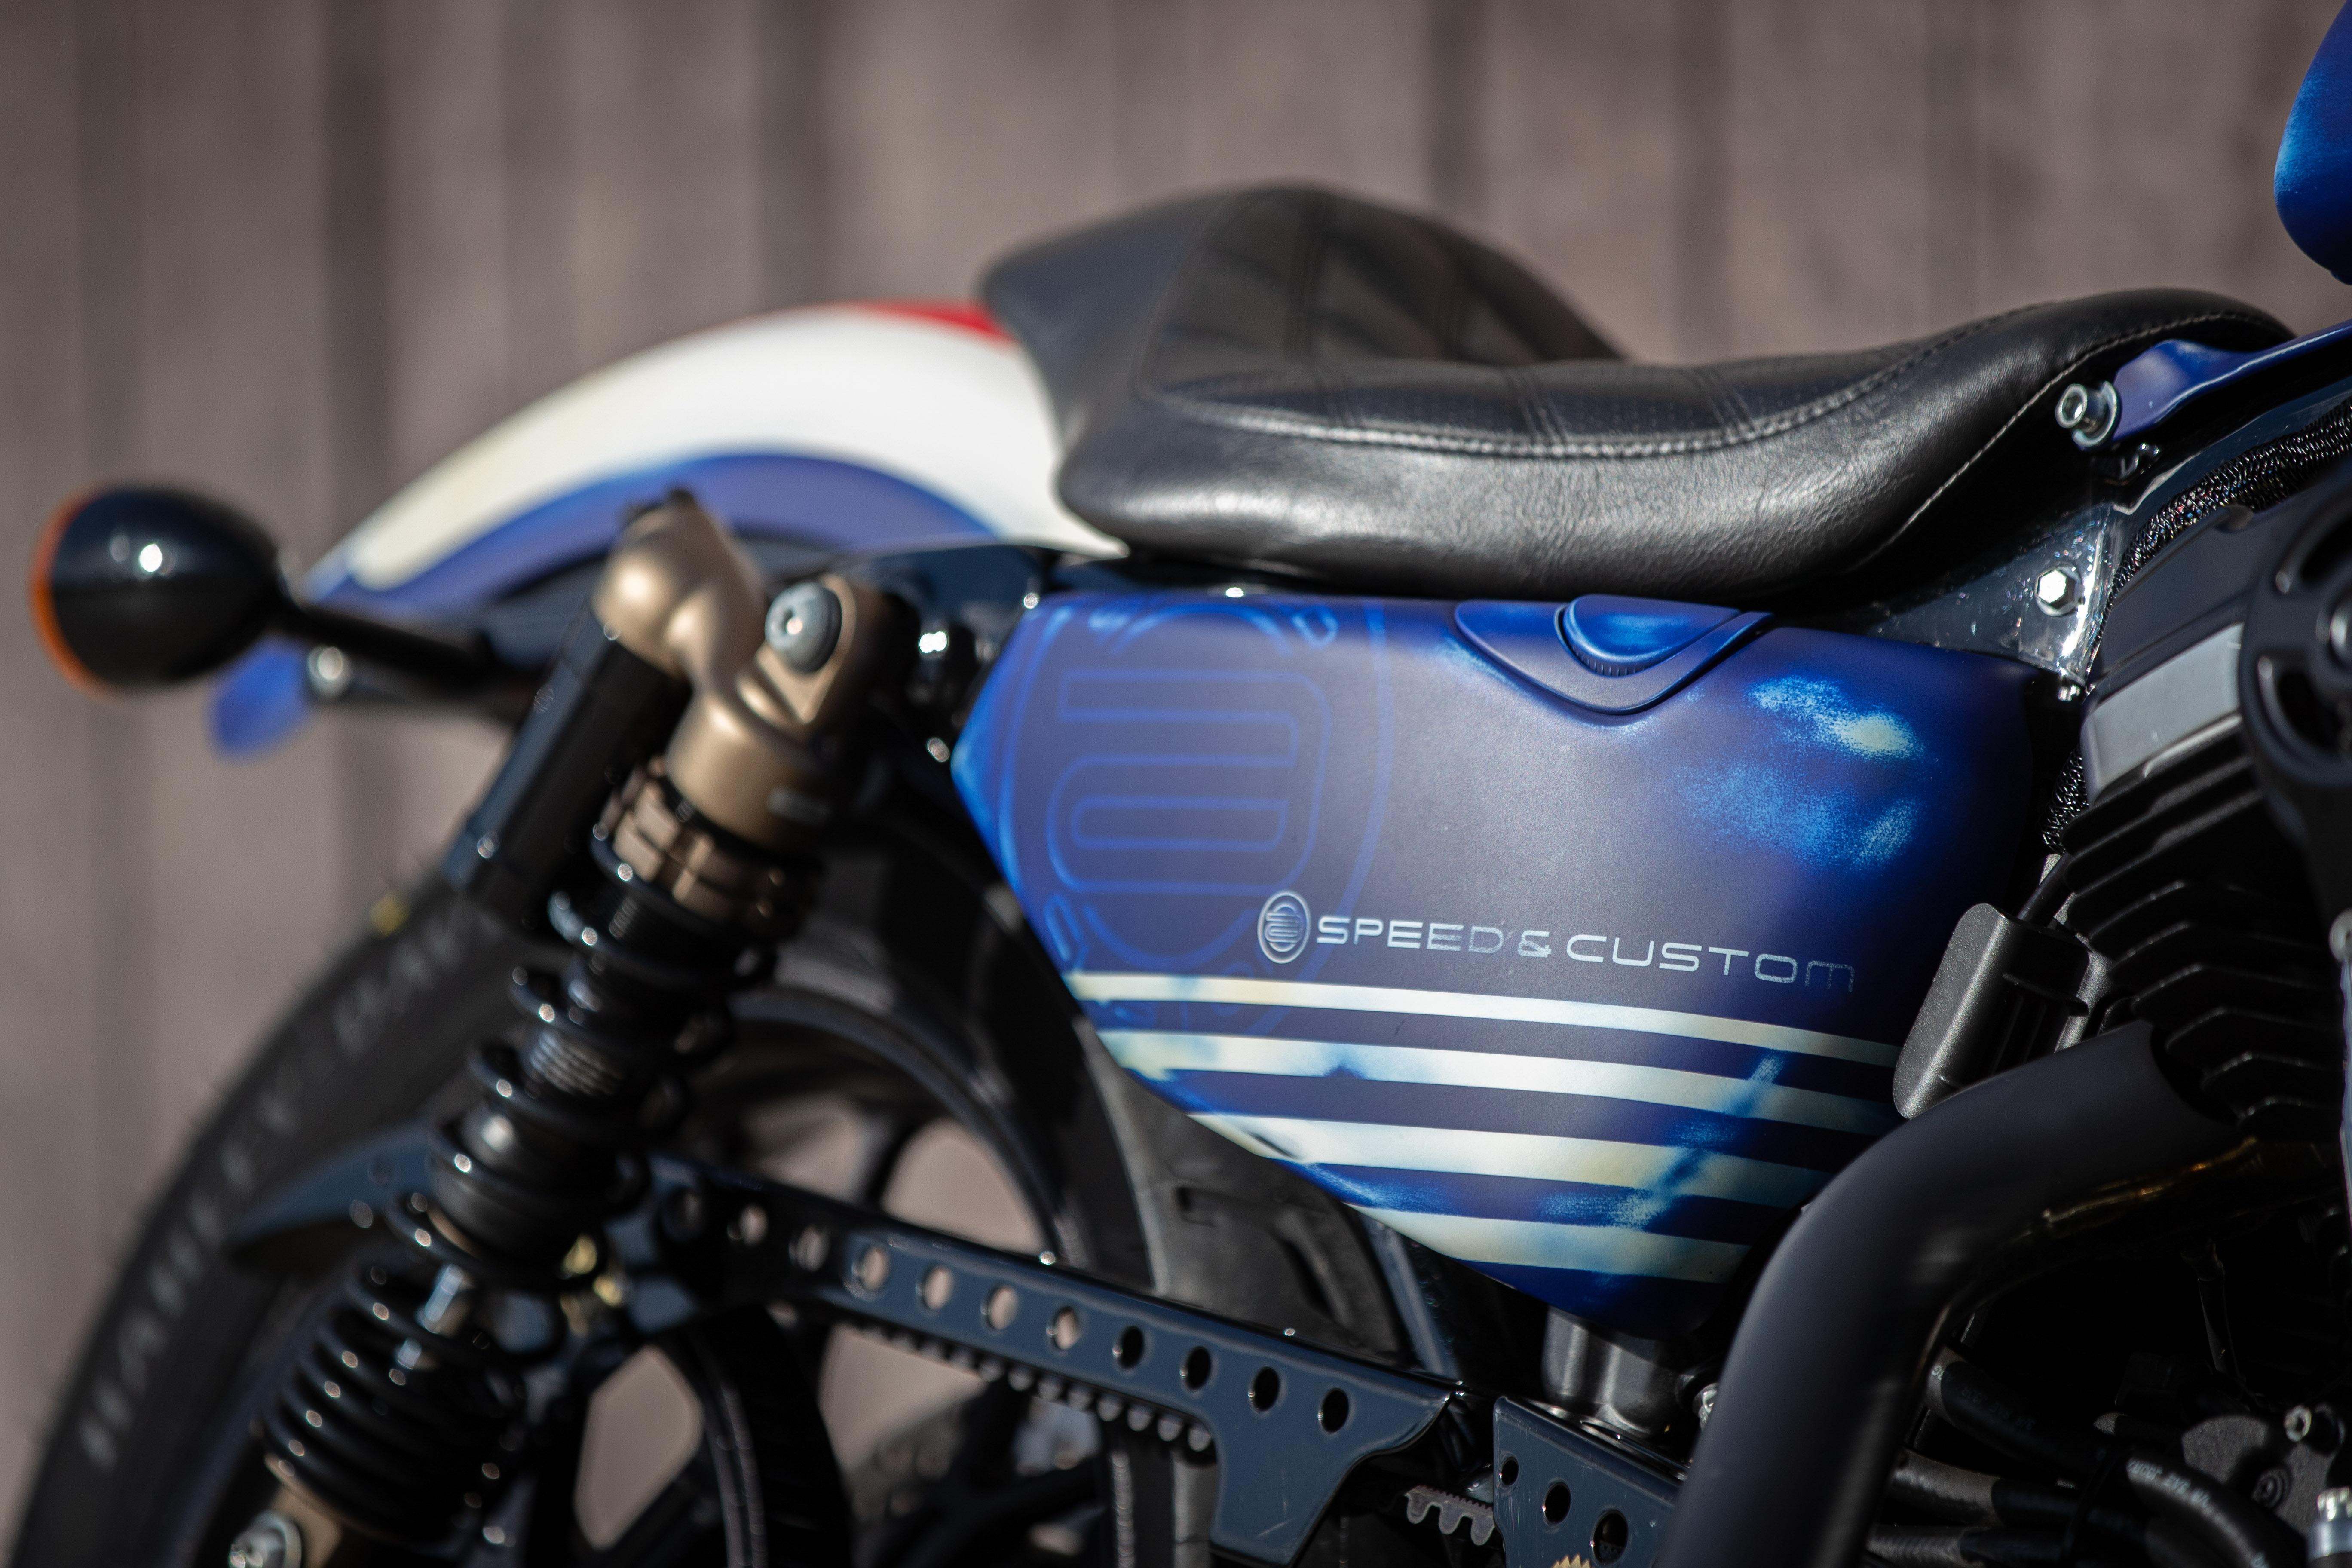 Ngam dan xe Harley-Davidson Sportster lot xac voi ban do Sykes hinh anh 19 2020_Harley_Davidson_Sportster_Custom_5179.jpg